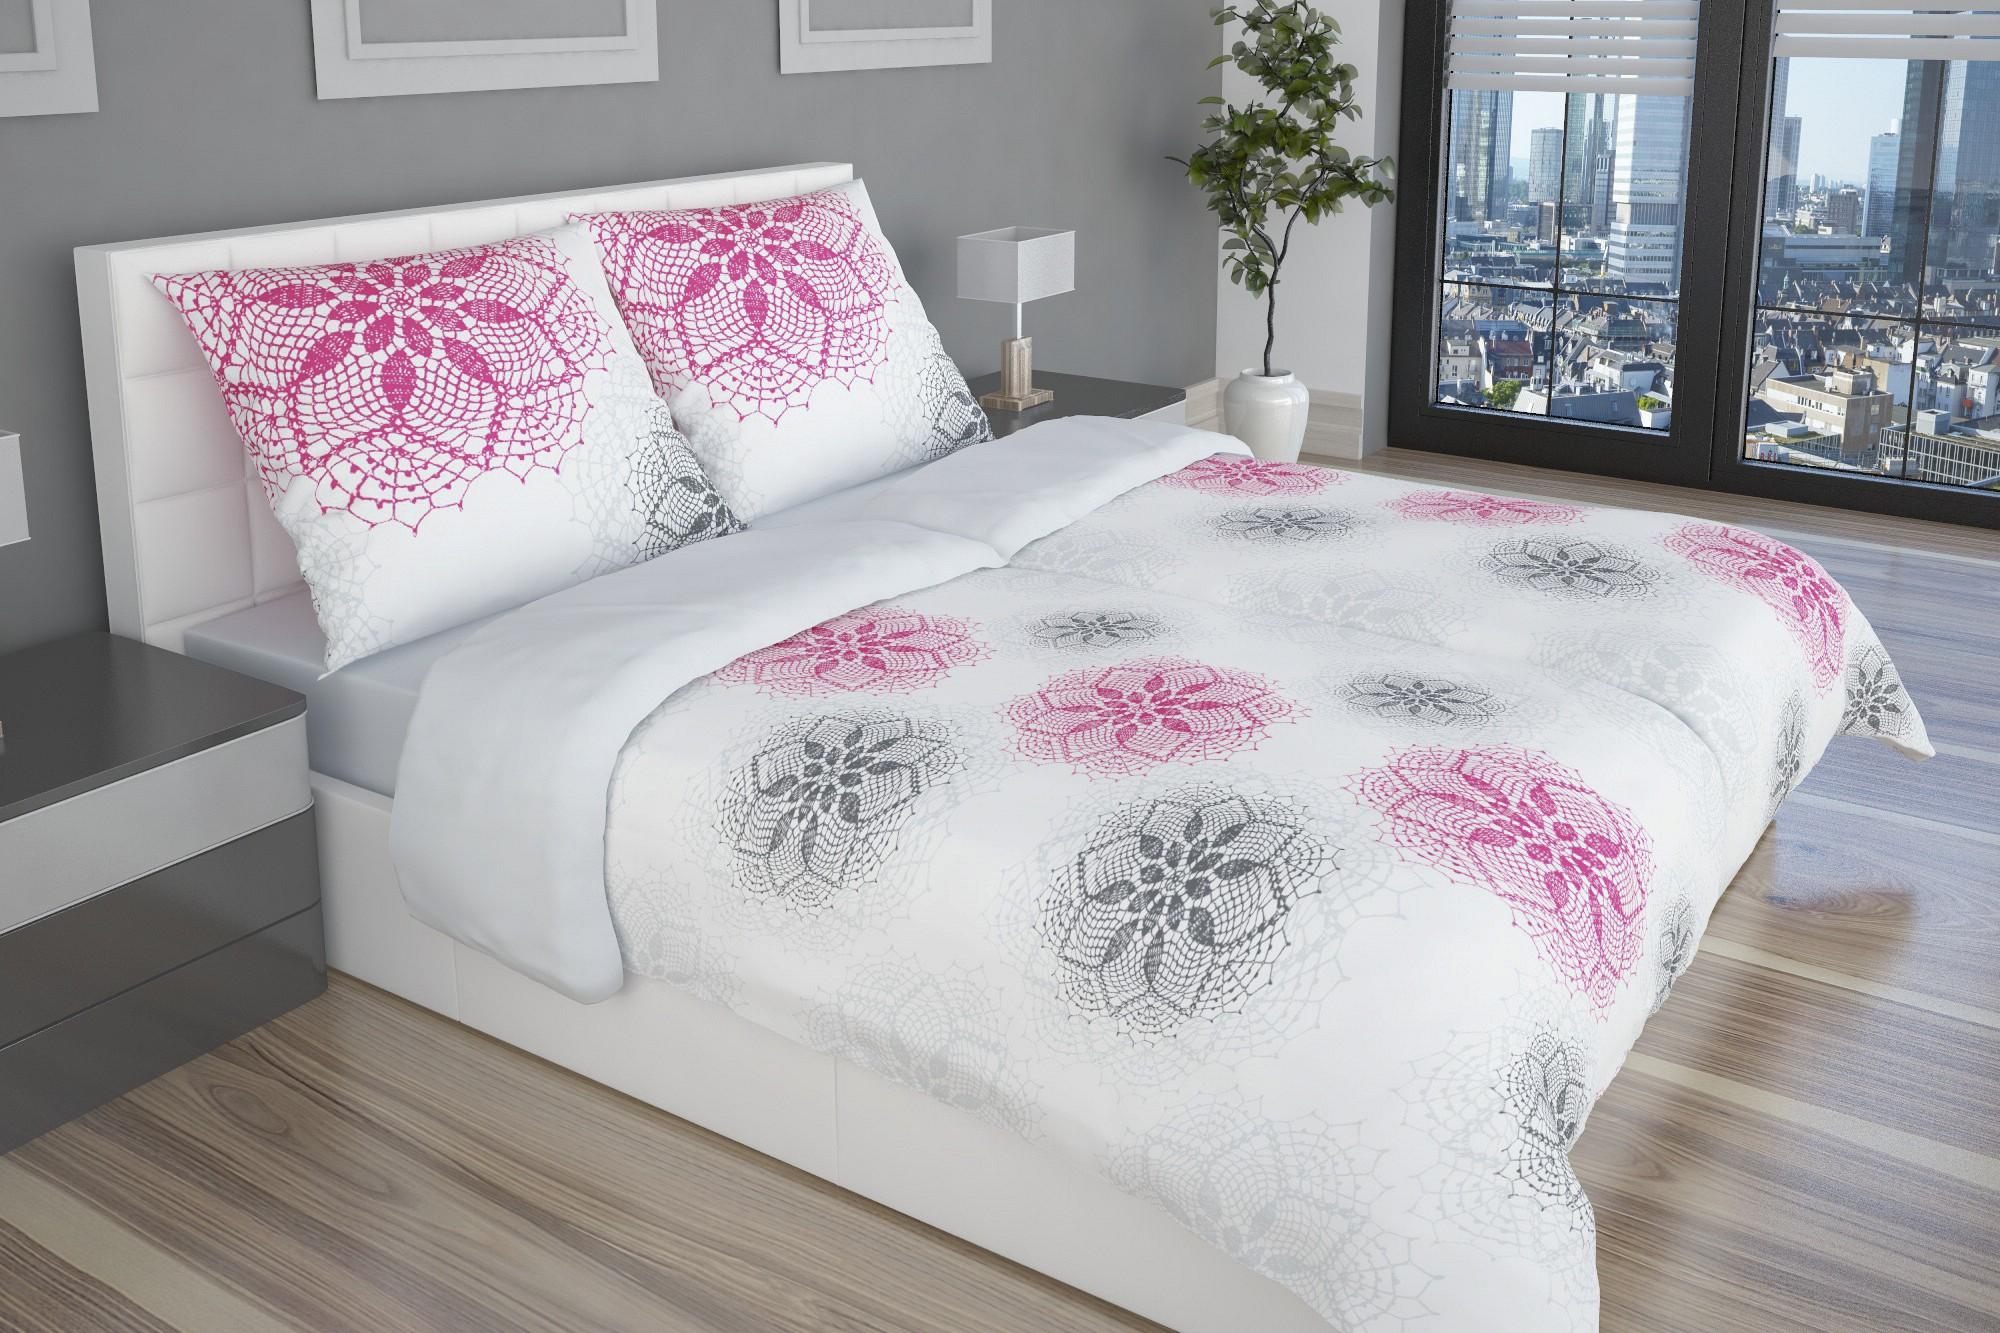 grau rosa satin bettw sche mit kristallartigem muster glamonde. Black Bedroom Furniture Sets. Home Design Ideas